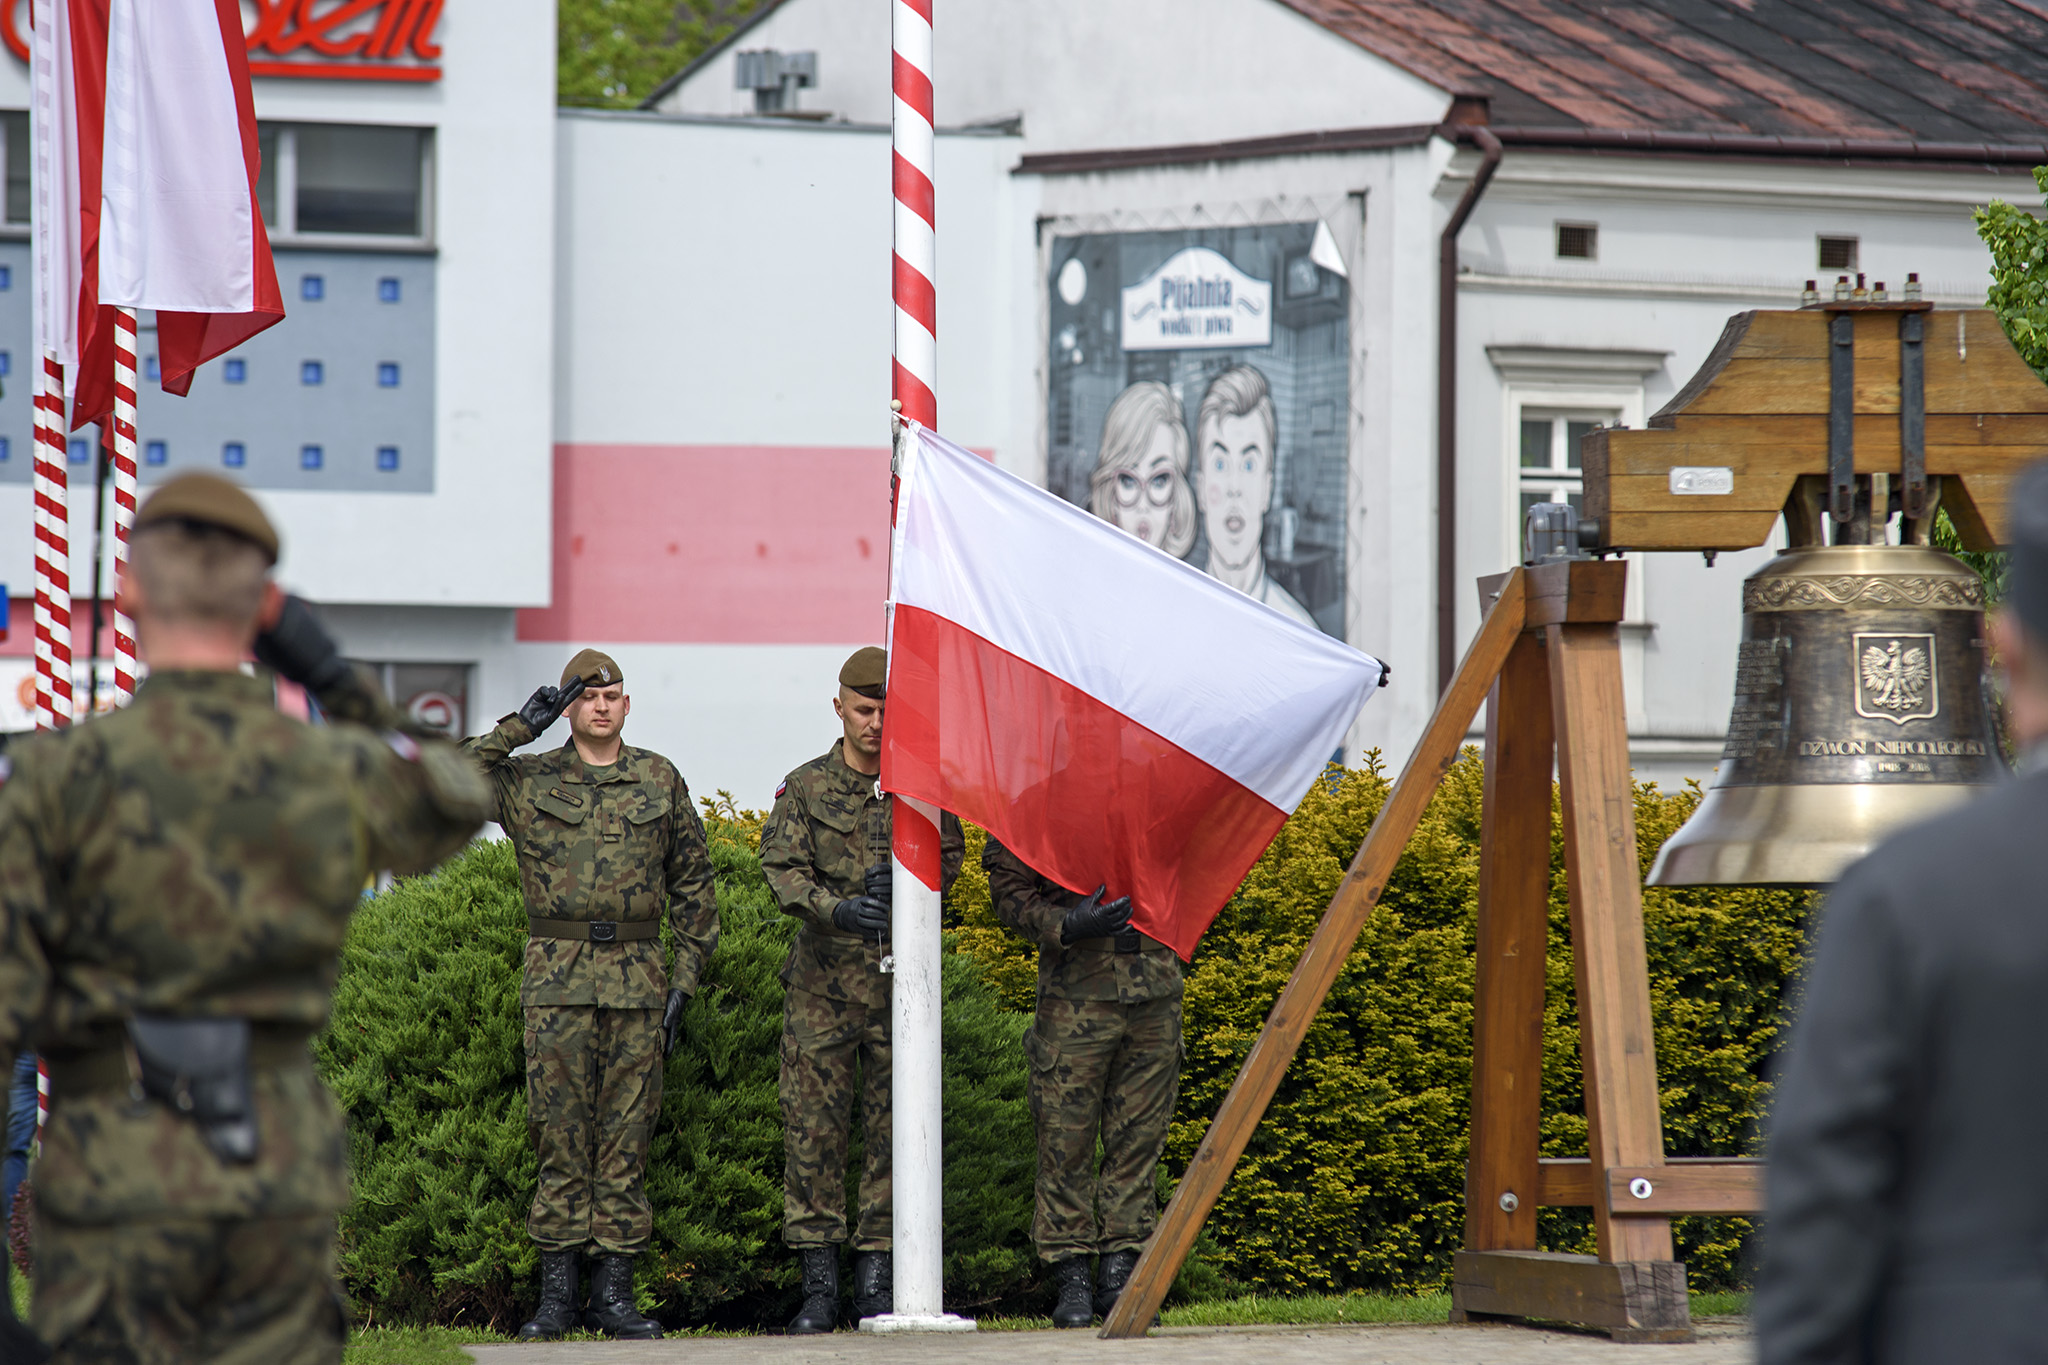 DSC_3543_RZESZOW_NEWS_SEBASTIAN_STANKIEWICZ